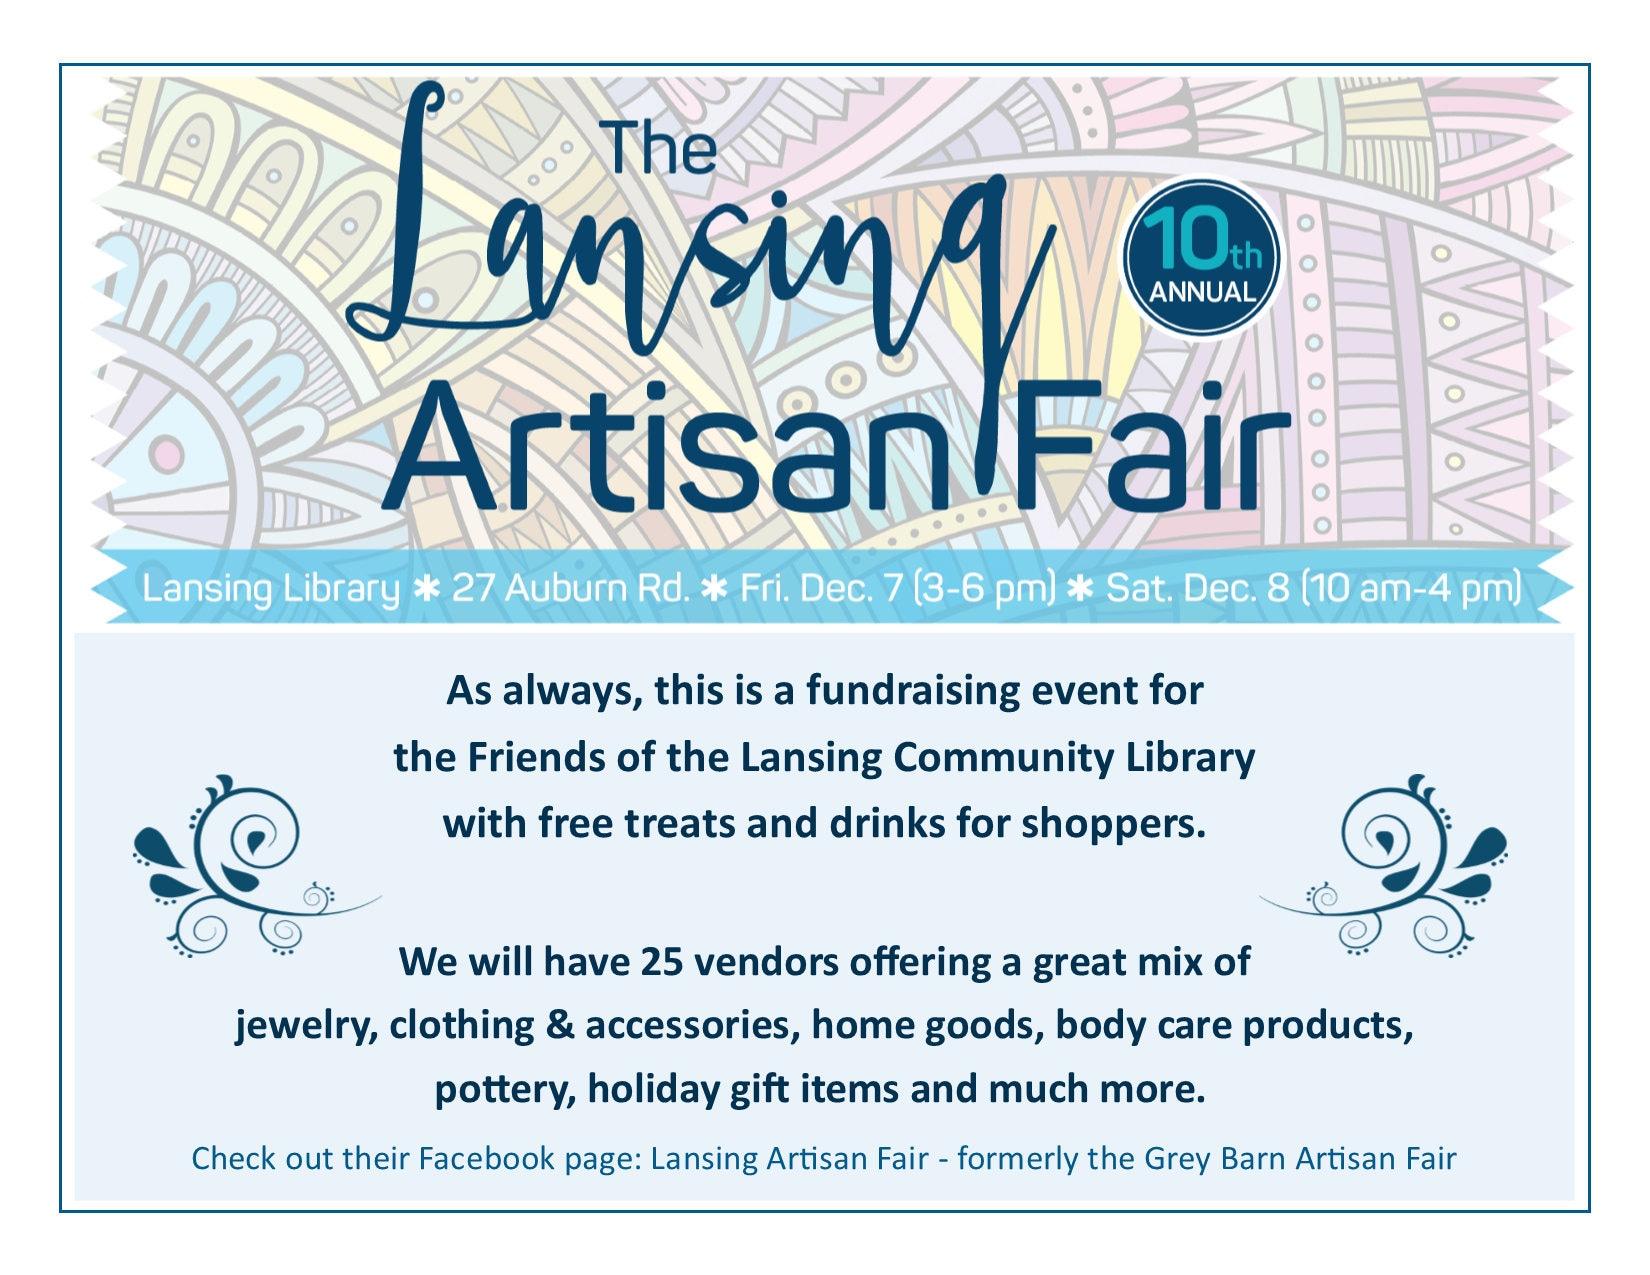 Lansing Artisan Fair